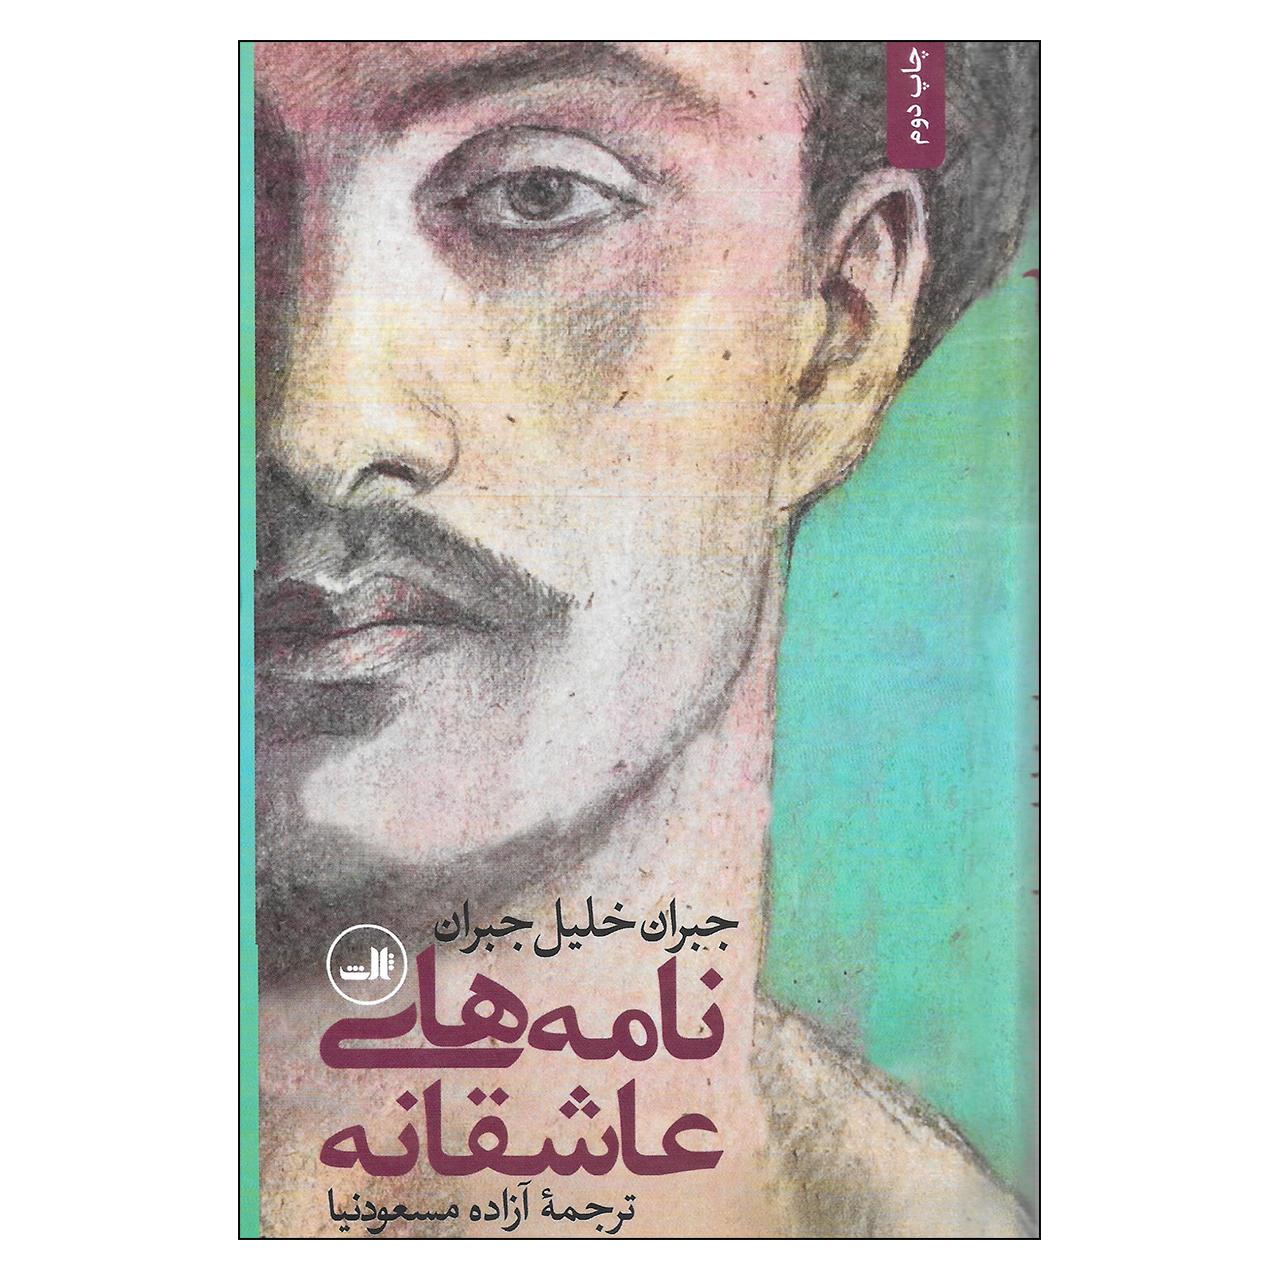 کتاب نامه های عاشقانه اثر جبران خلیل جبران نشر ثالث